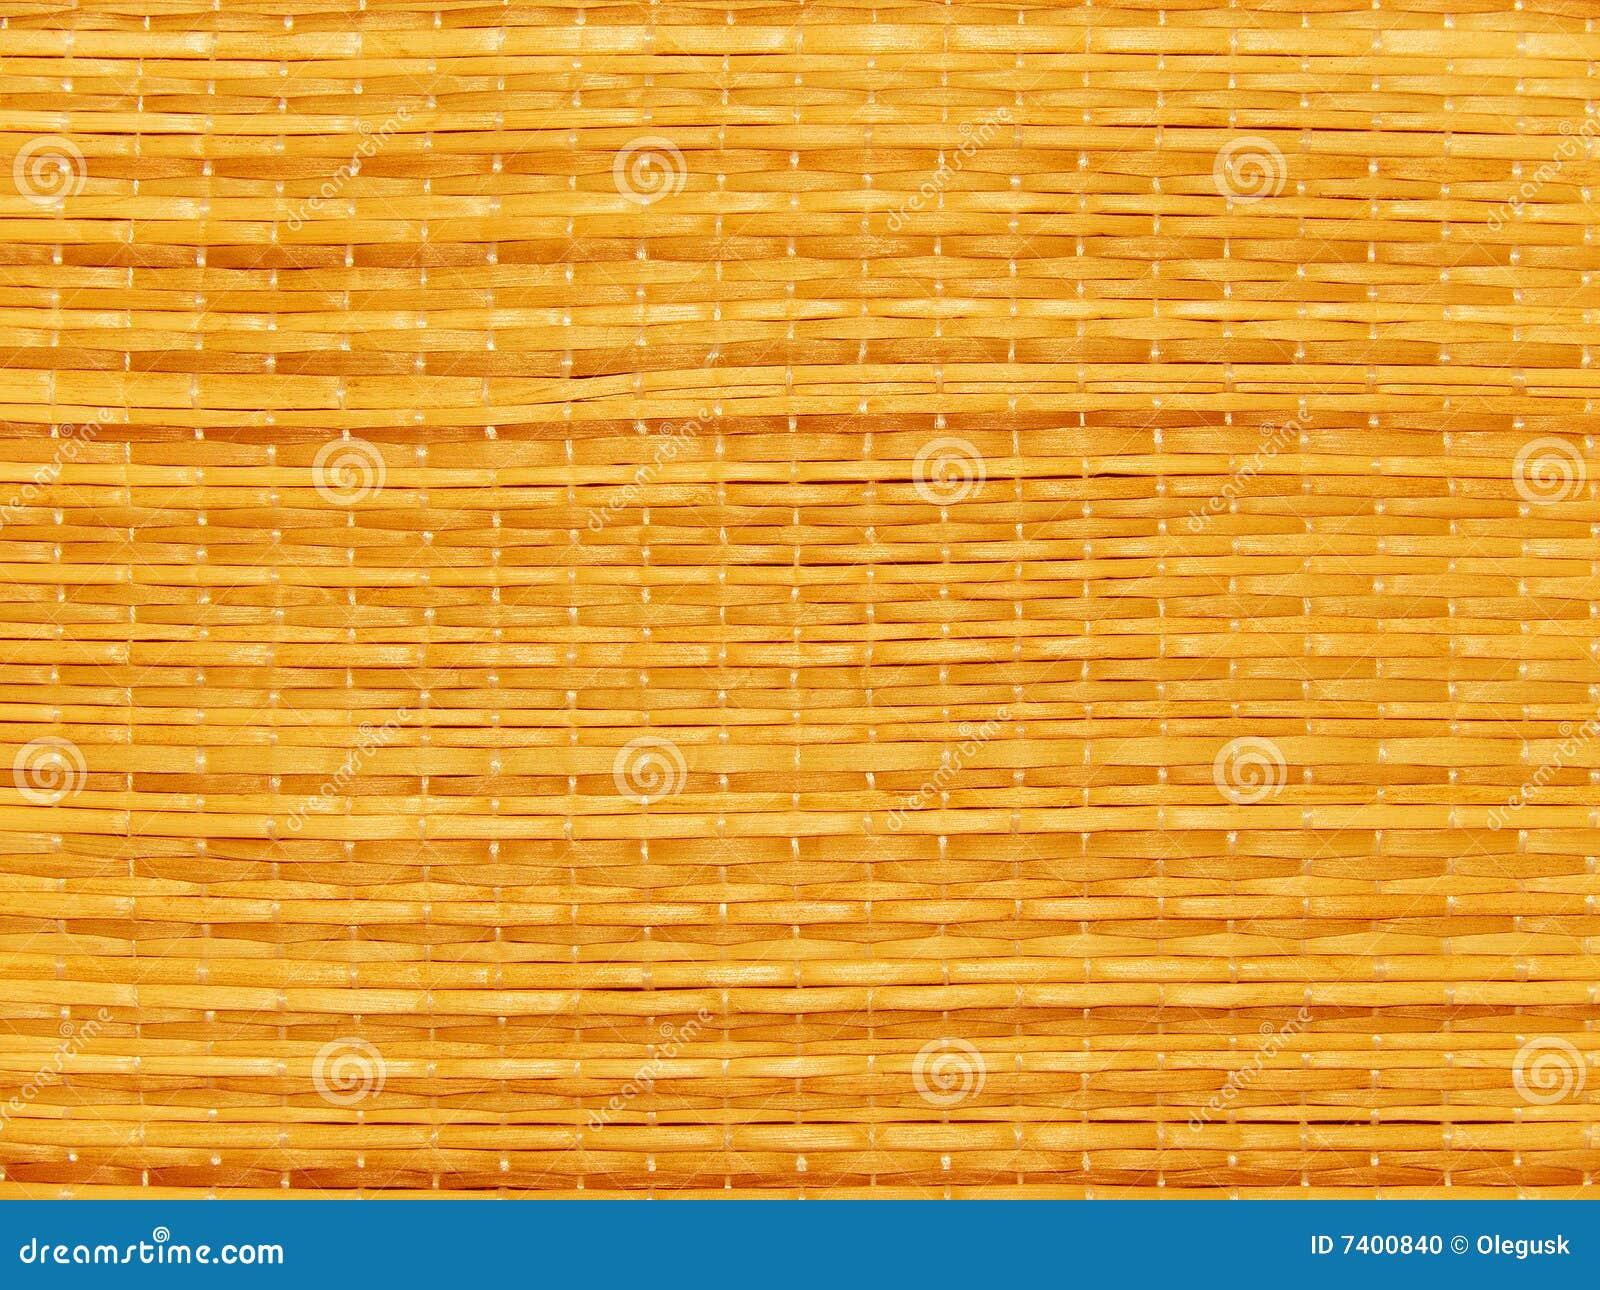 Straw Rug Home Decor